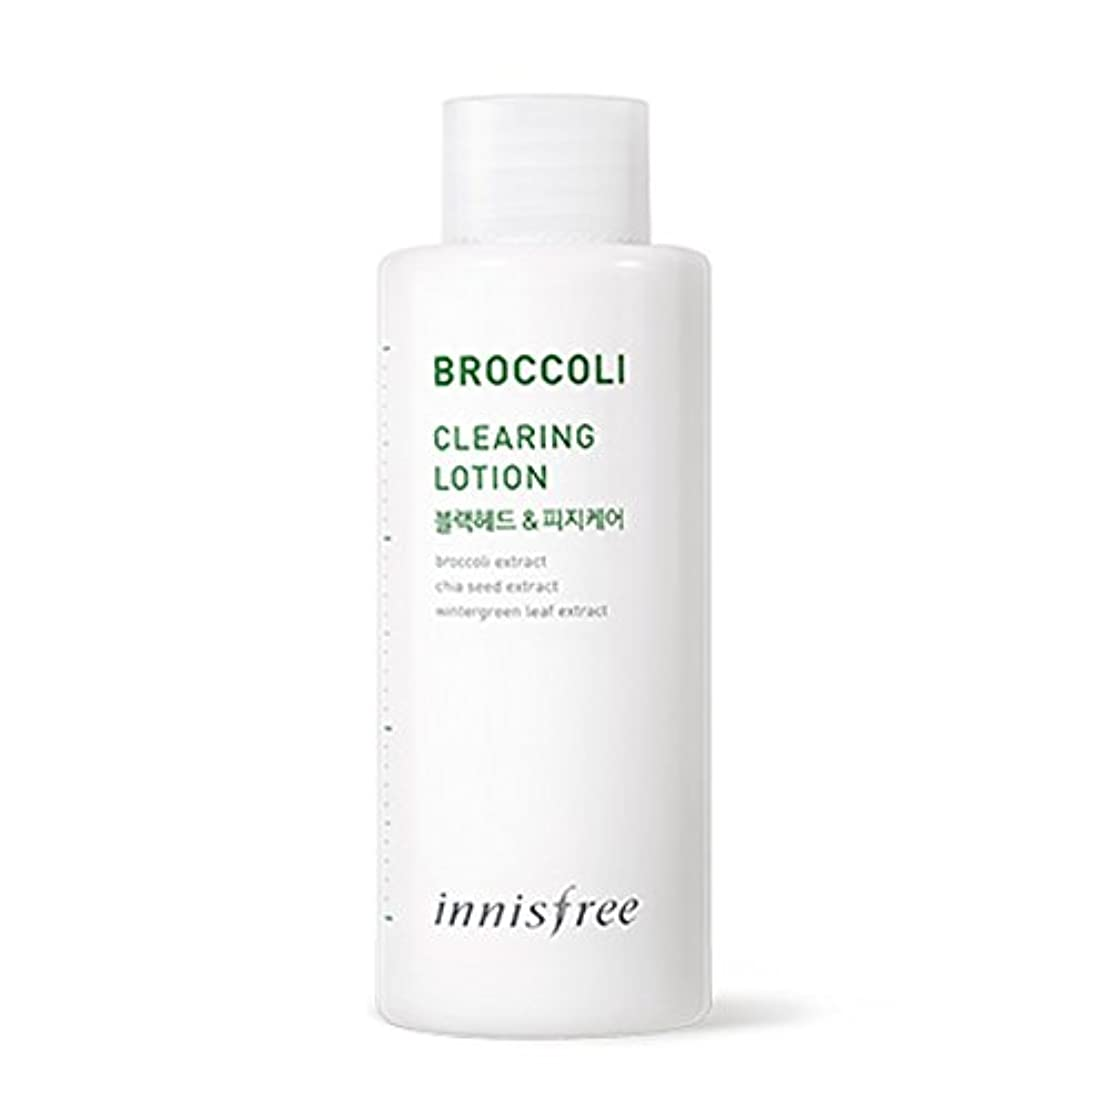 詩人過半数フリルイニスフリーブロッコリークリアリングローション(エマルジョン)130ml Innisfree Broccoli Clearing Lotion(Emulsion) 130ml [海外直送品][並行輸入品]